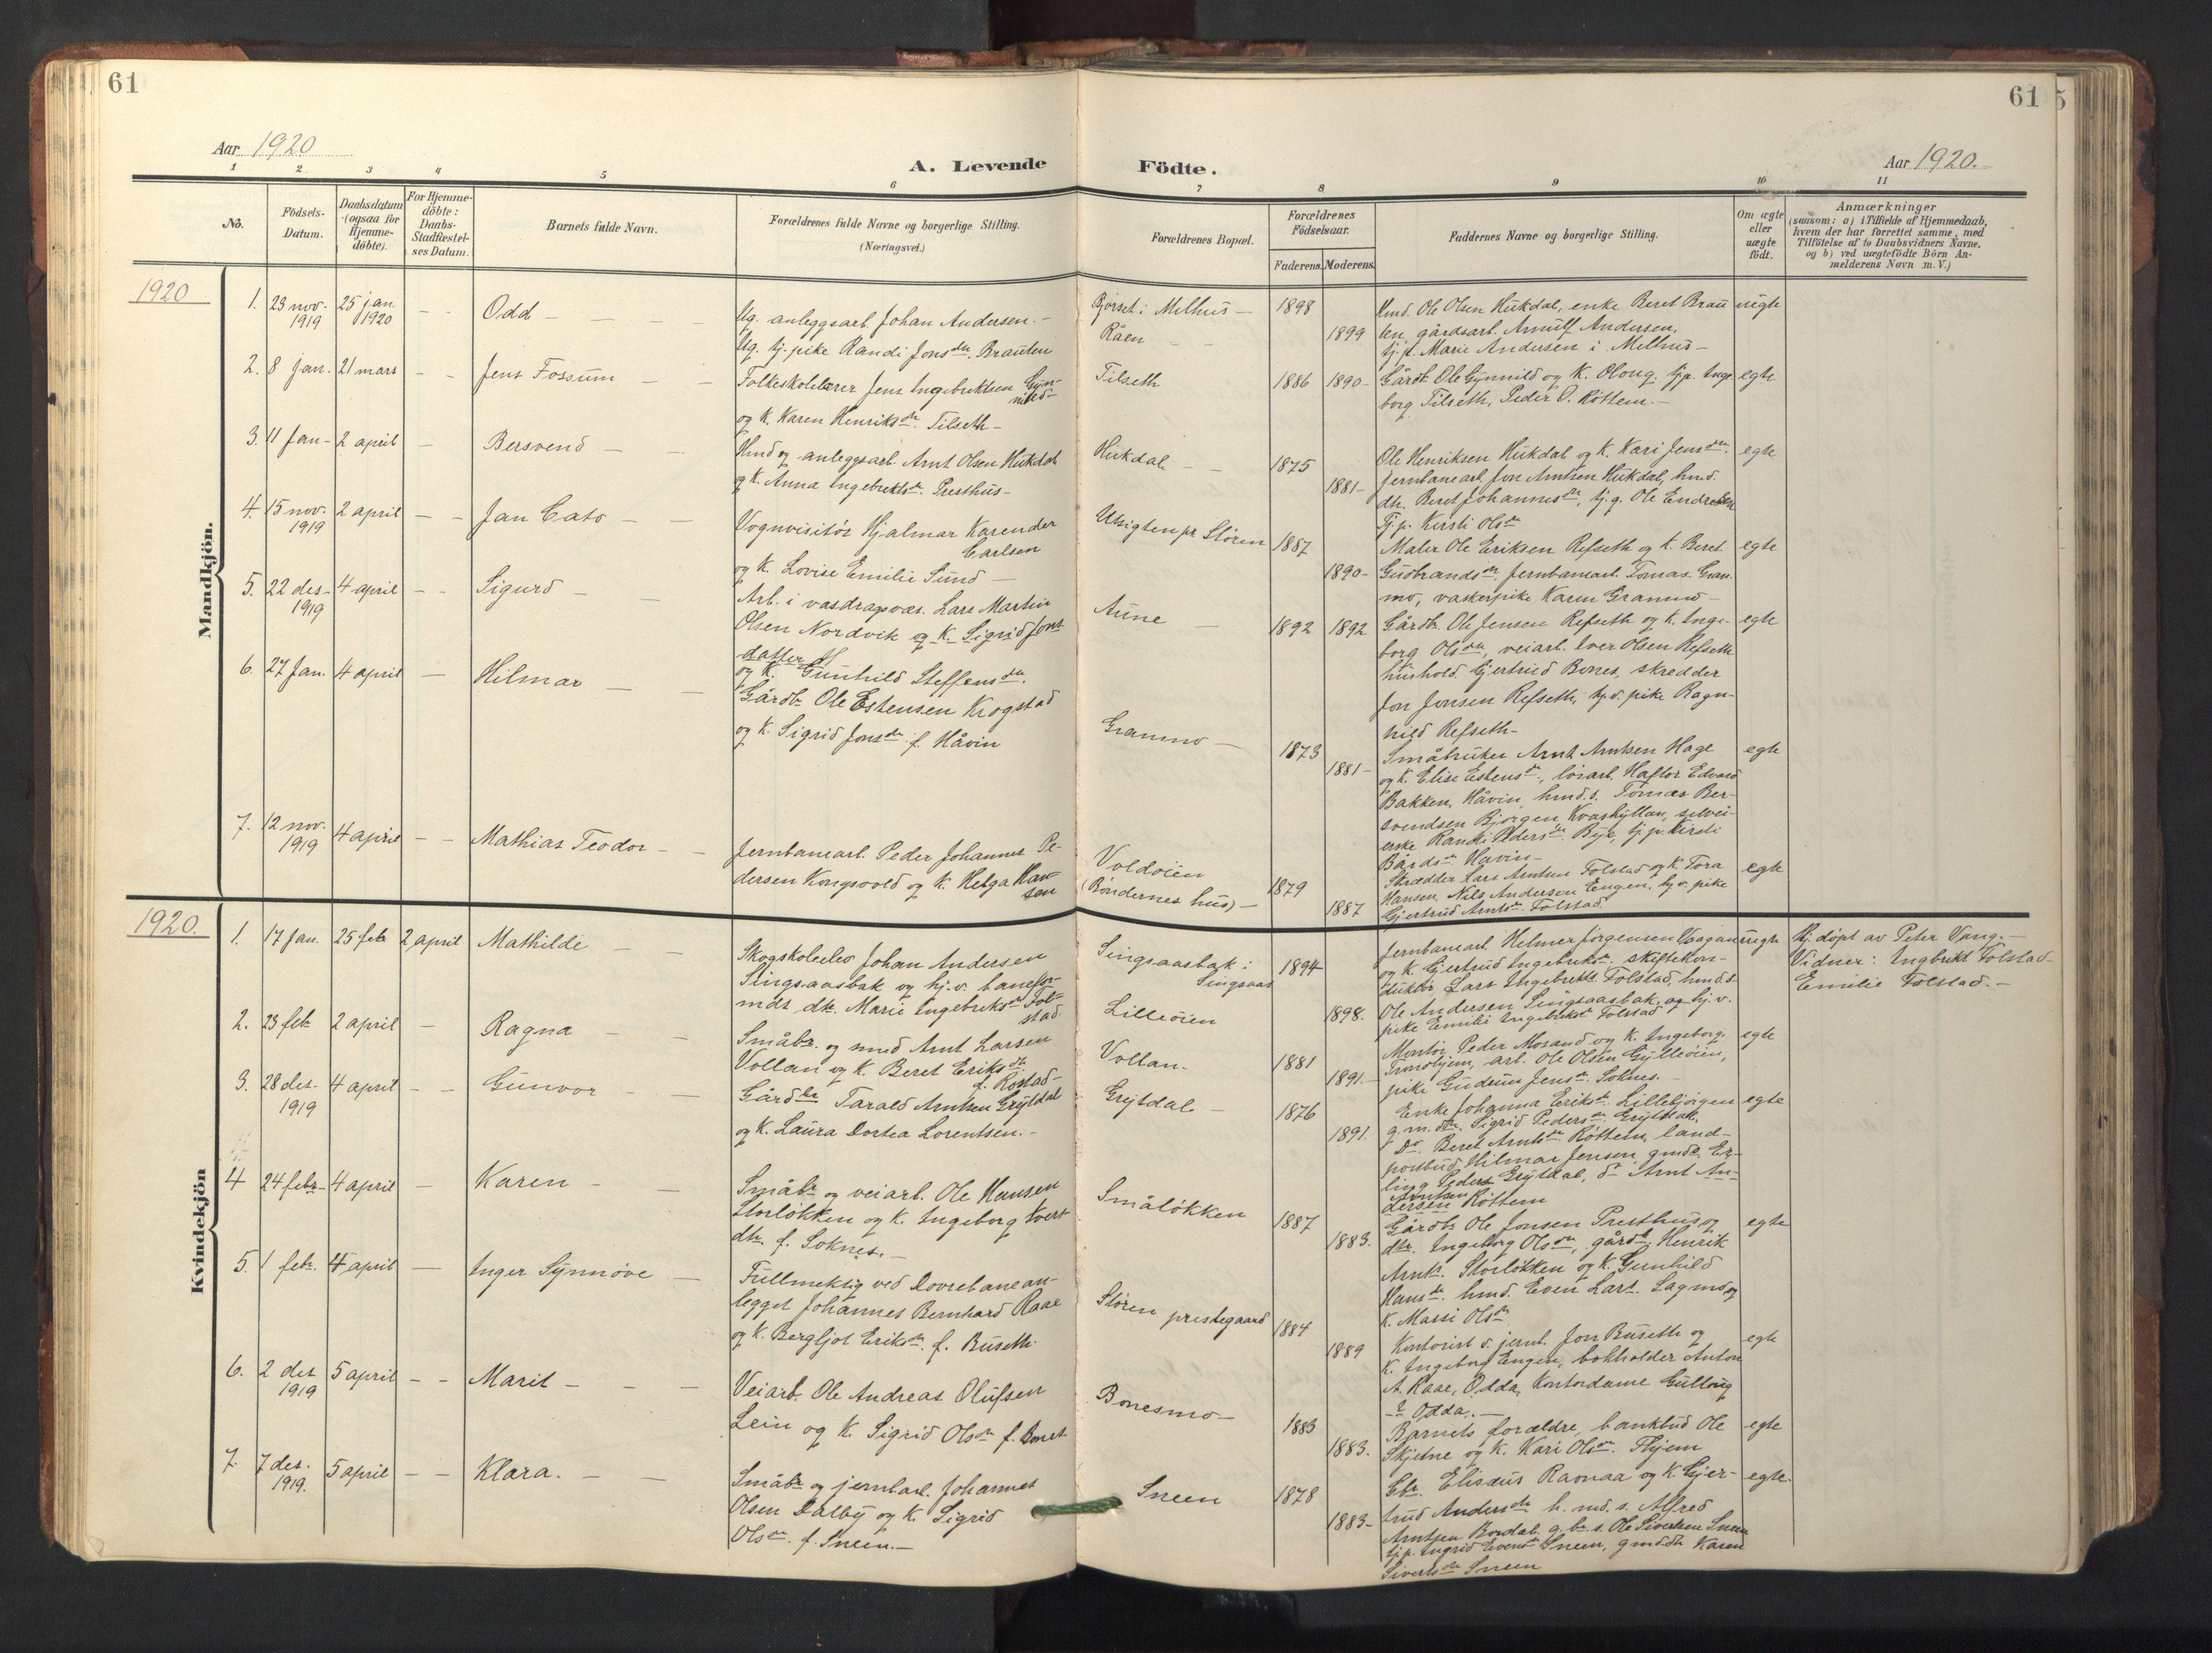 SAT, Ministerialprotokoller, klokkerbøker og fødselsregistre - Sør-Trøndelag, 687/L1019: Klokkerbok nr. 687C03, 1904-1931, s. 61